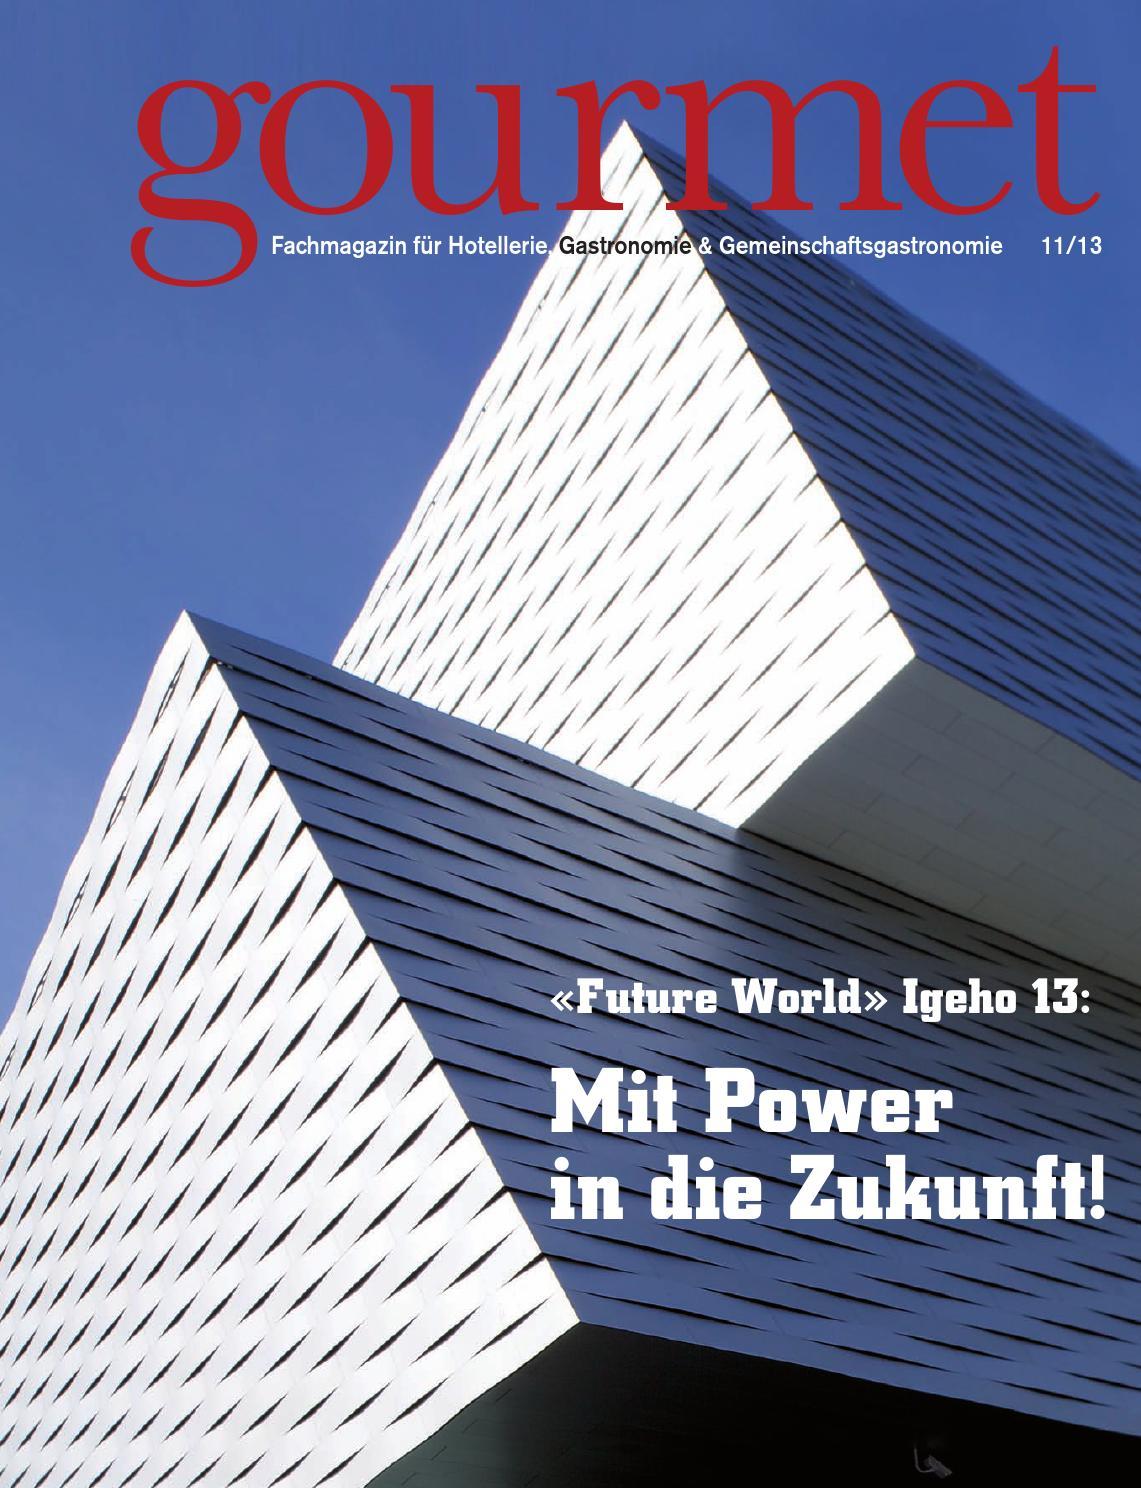 GOURMET_1311 by Gourmet Verlag - issuu